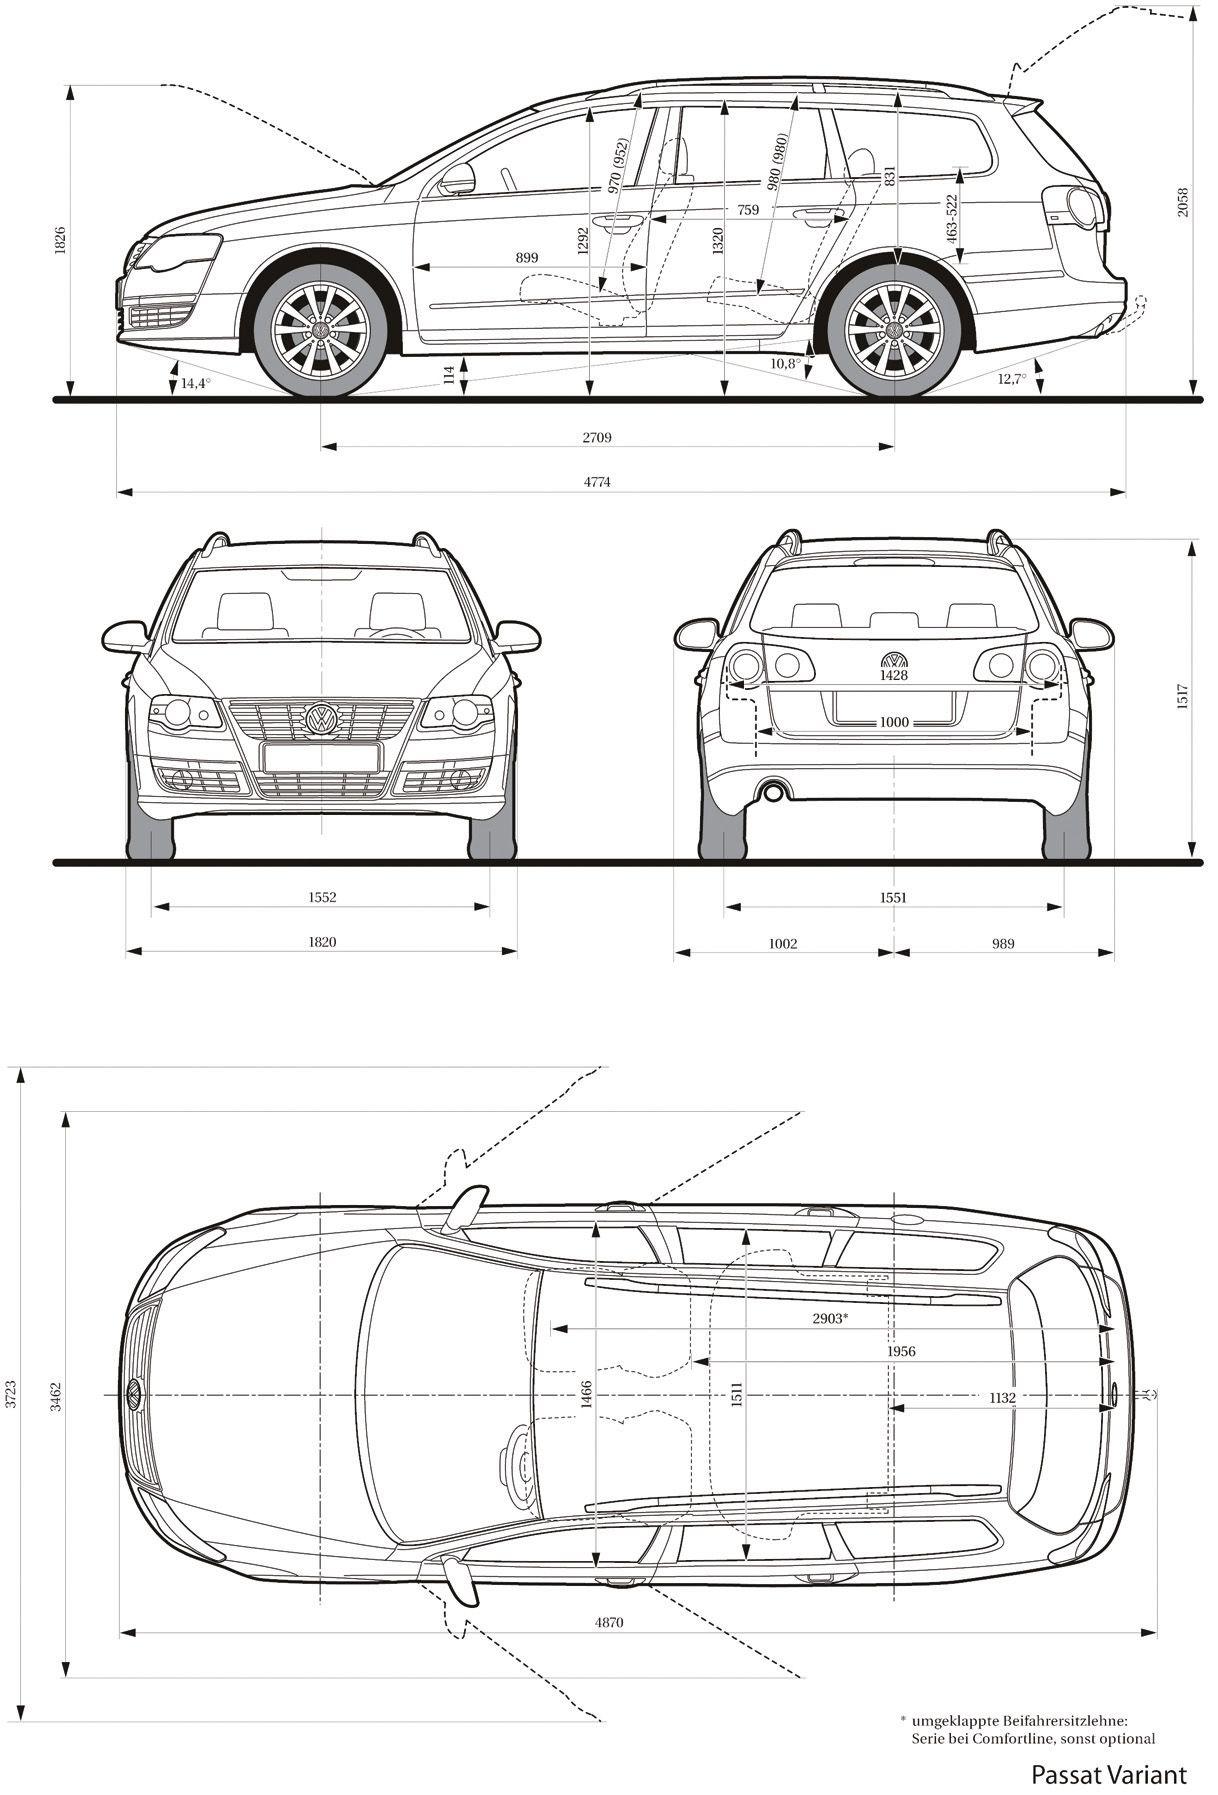 volkswagen passat variant 2005